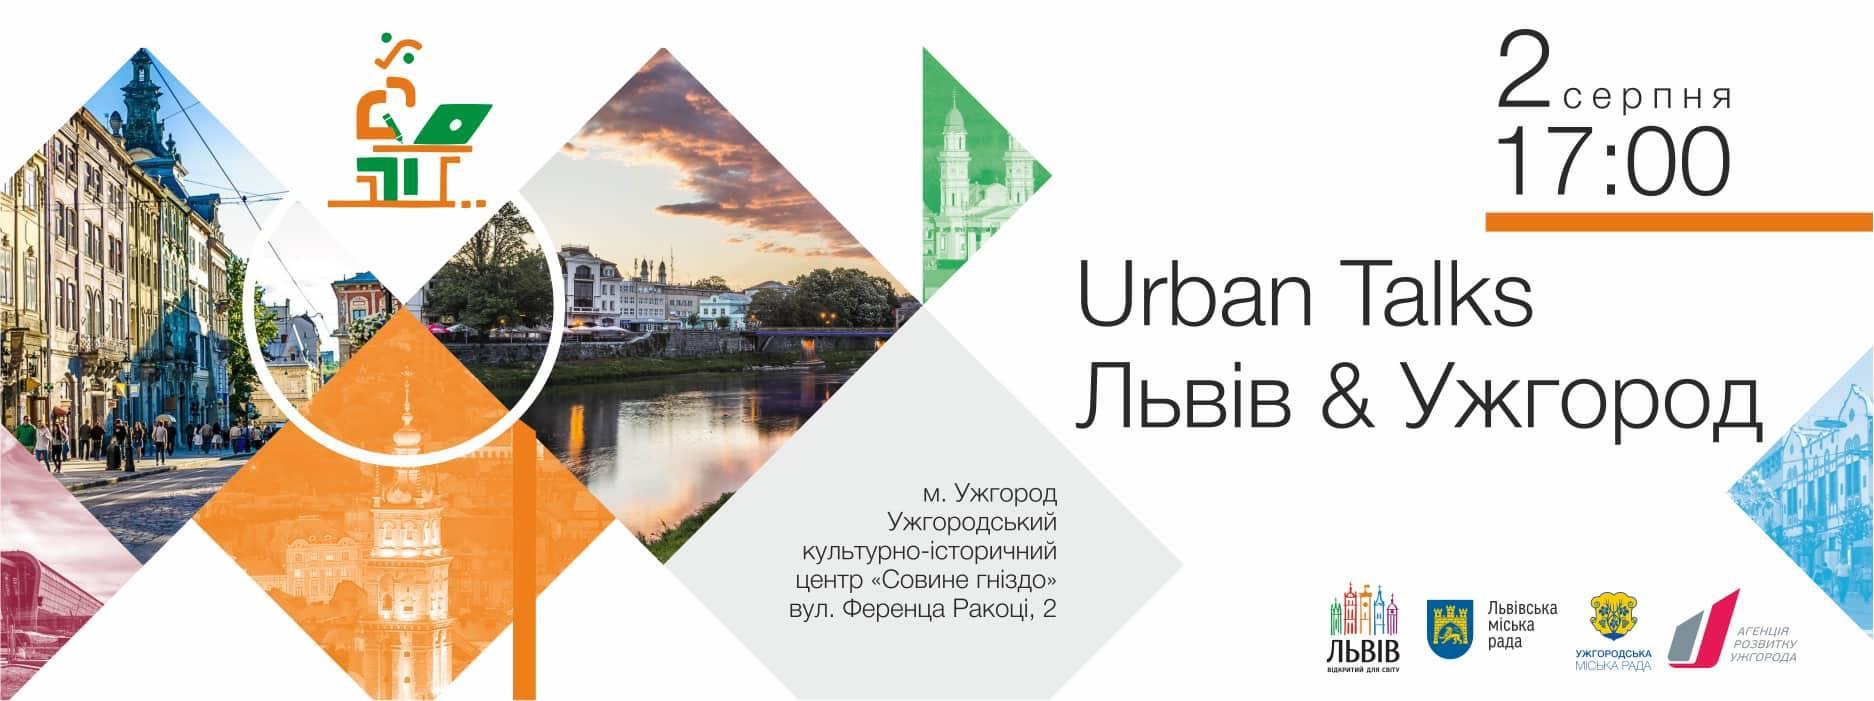 В Ужгороді відбудеться «UrbanTalks Львів & Ужгород»